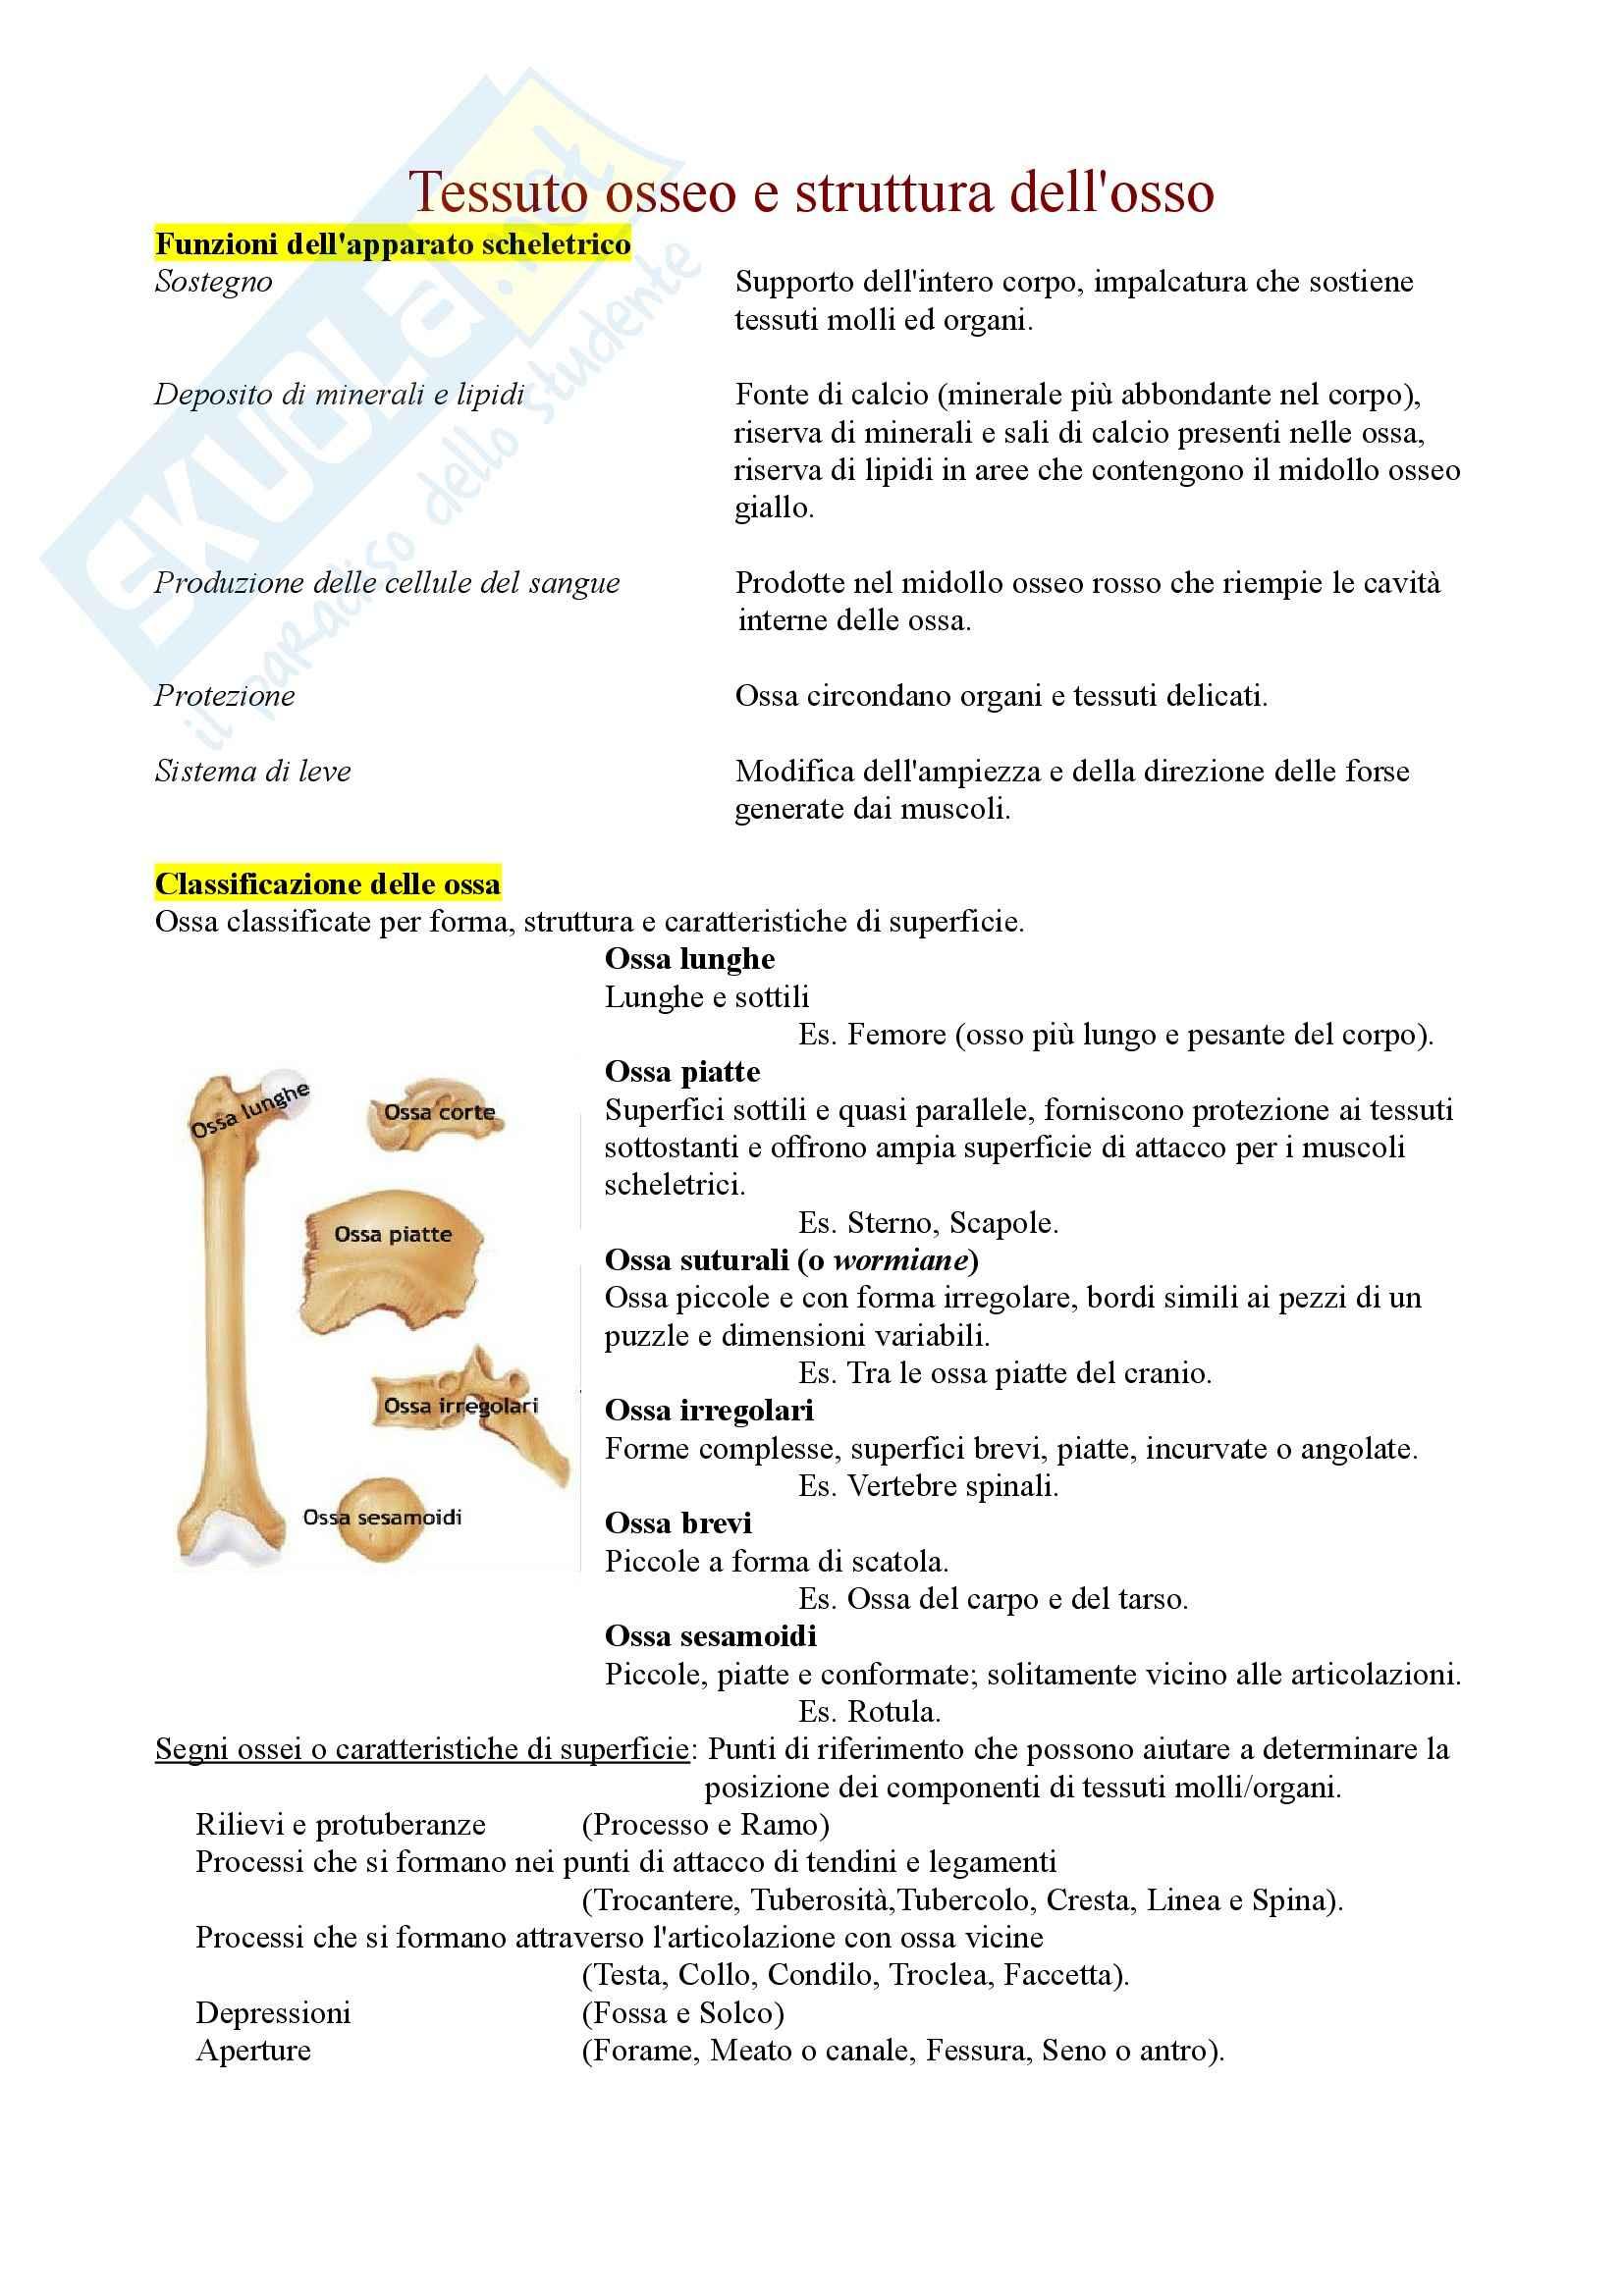 Anatomia e fisiologia - Tessuto osseo e struttura dell'osso